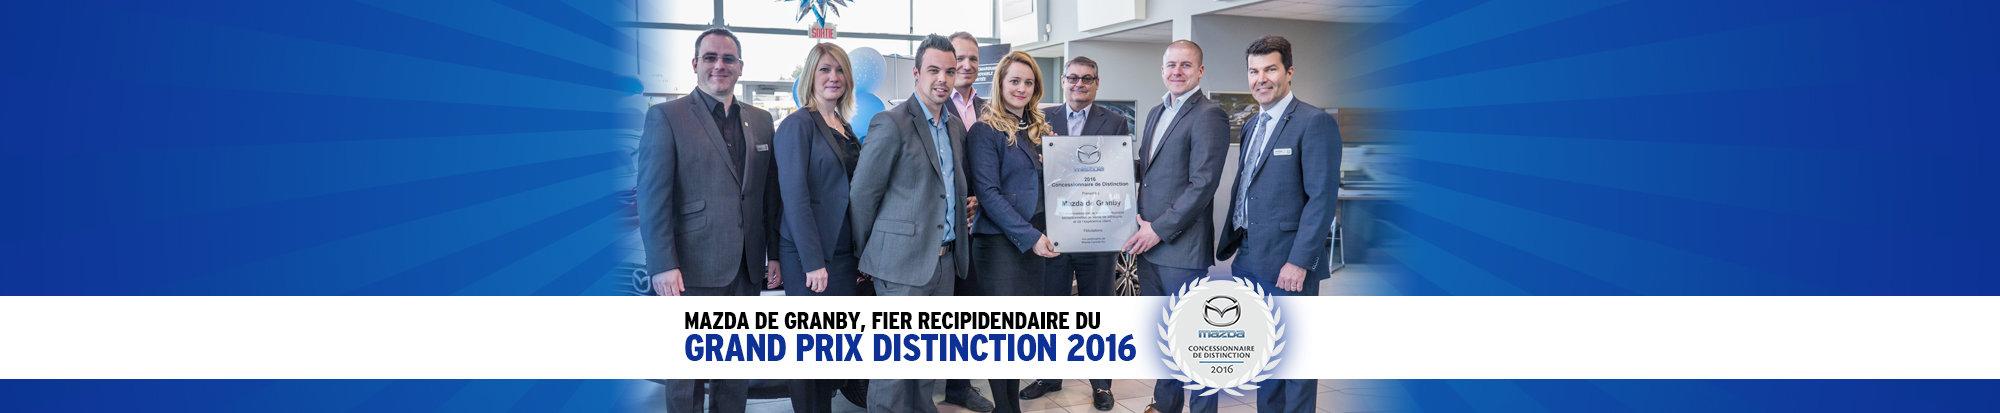 Mazda de Granby, grand prix distinction 2016